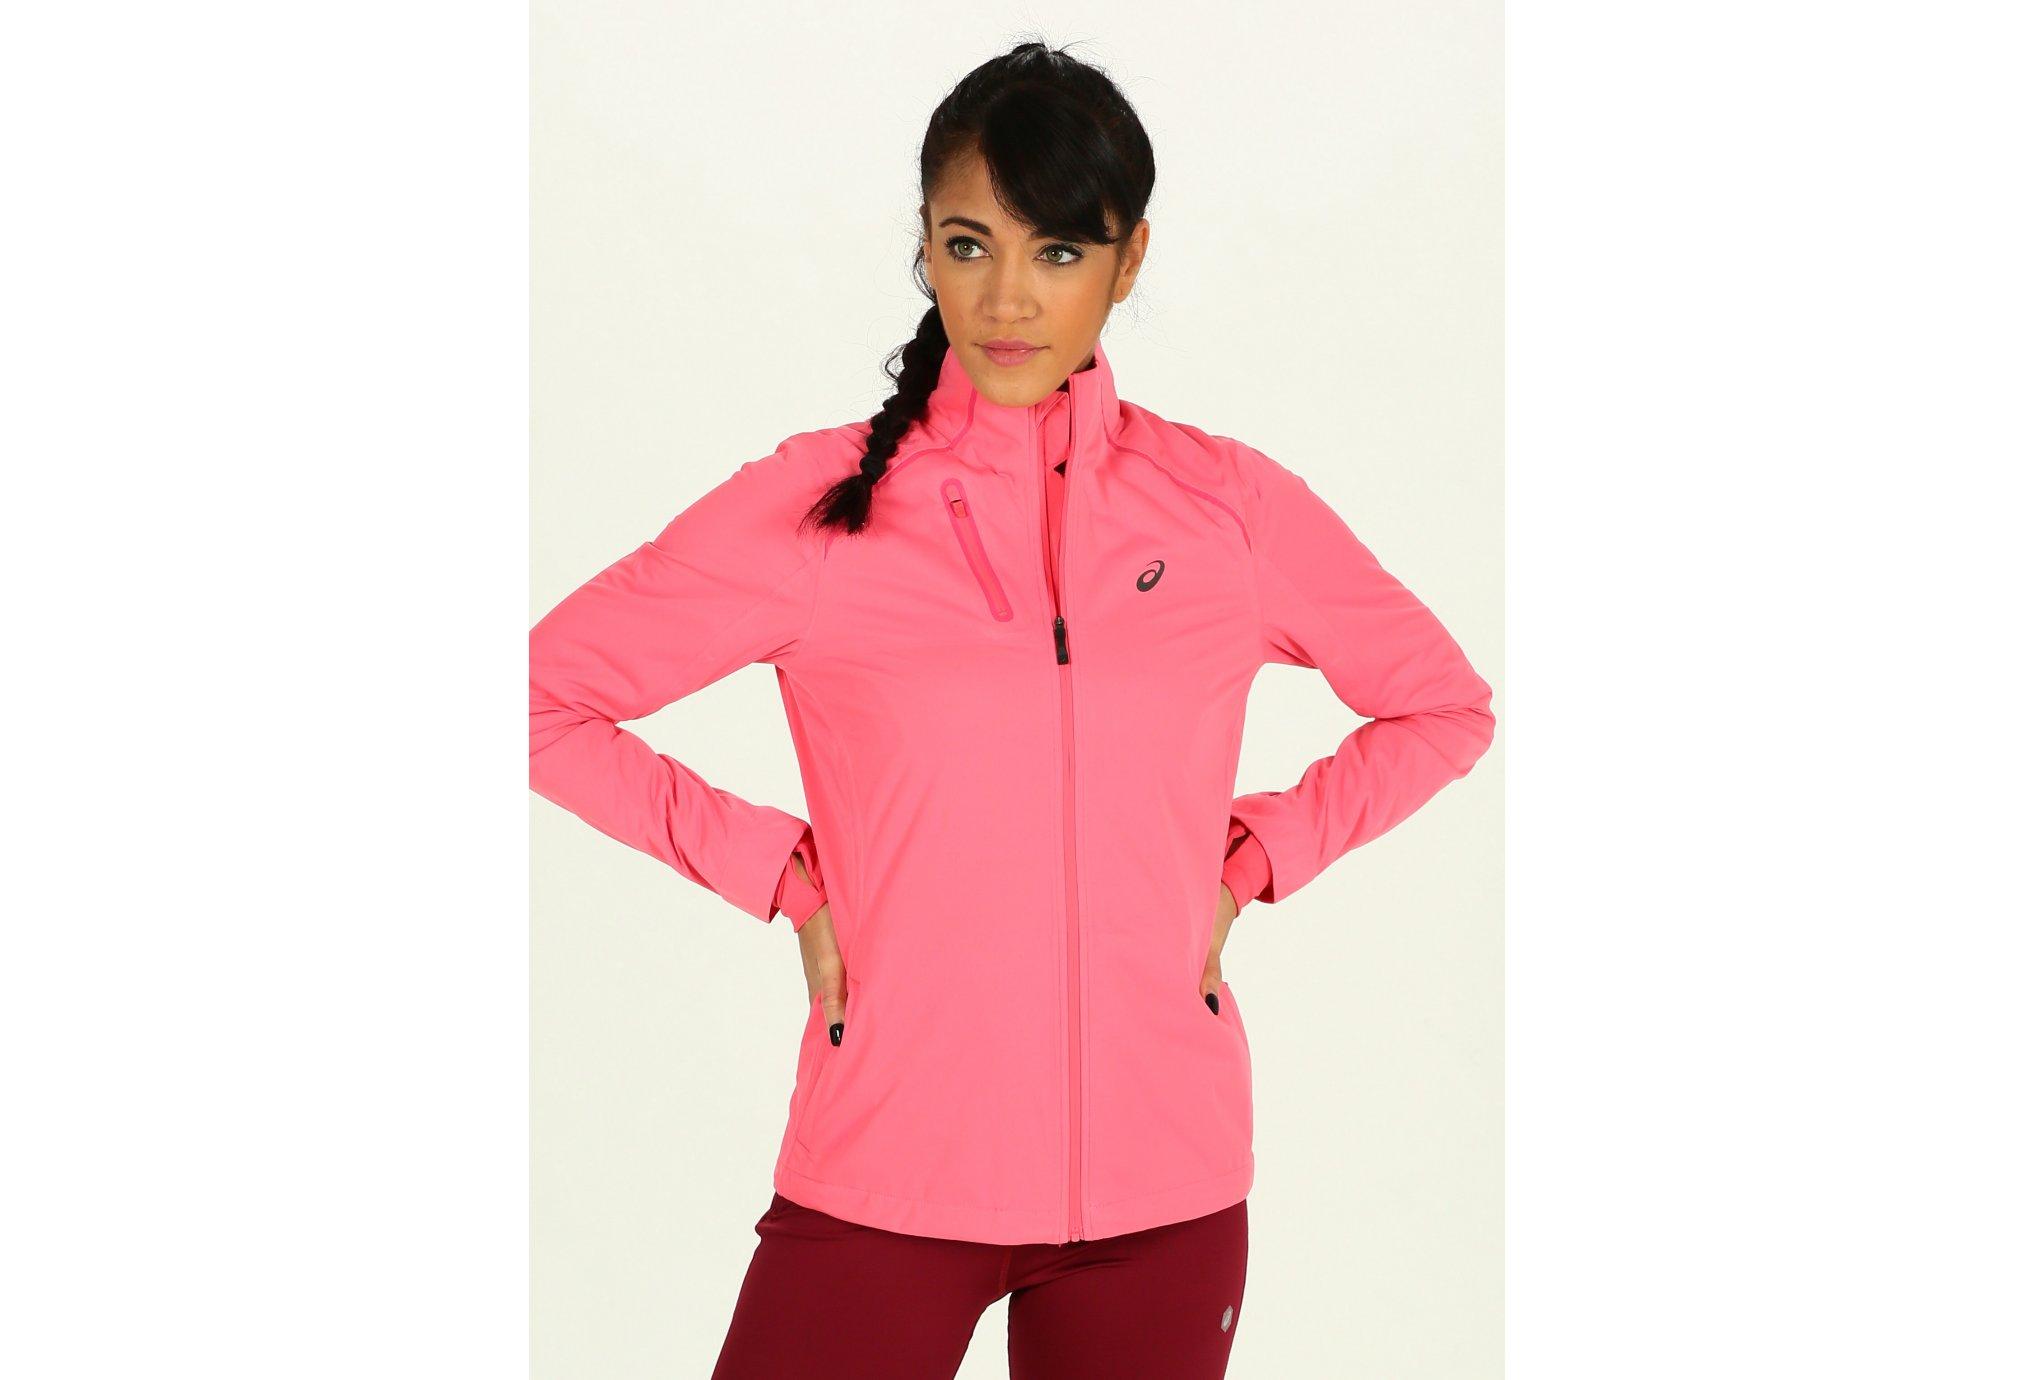 Asics Accelerate w vêtement running femme